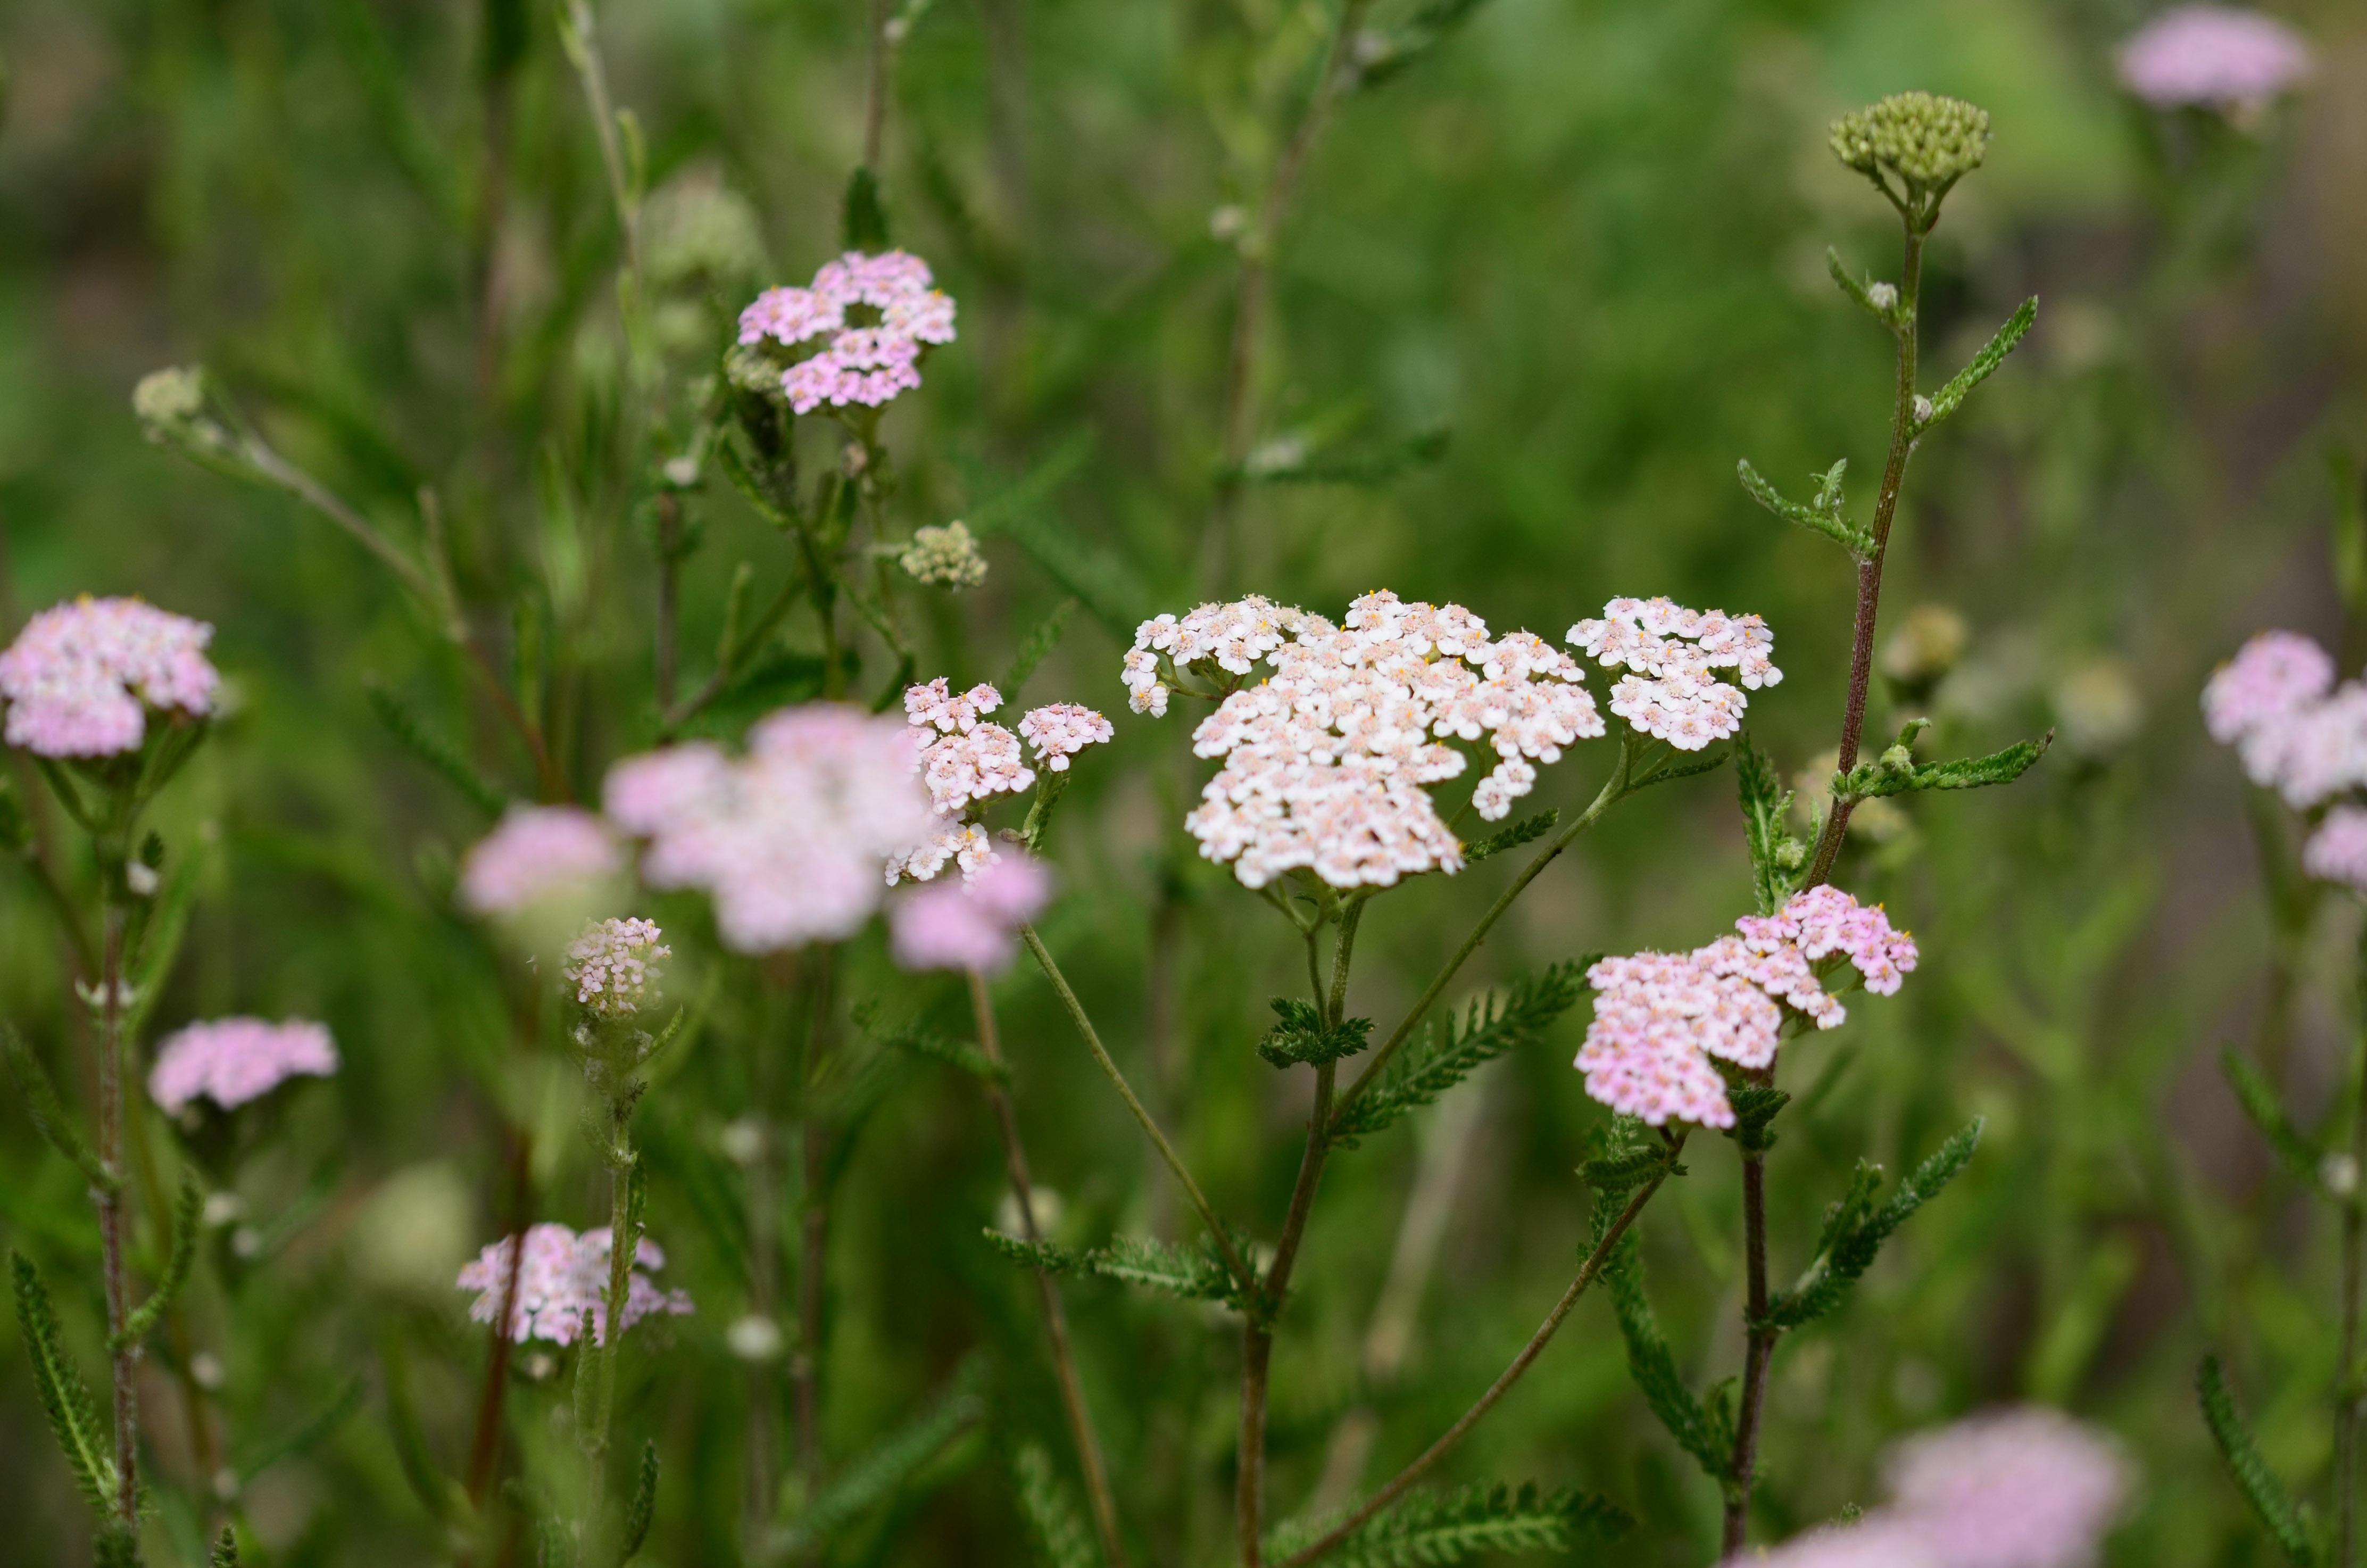 Achilea-millefolium-ssp-millefolium-2-1